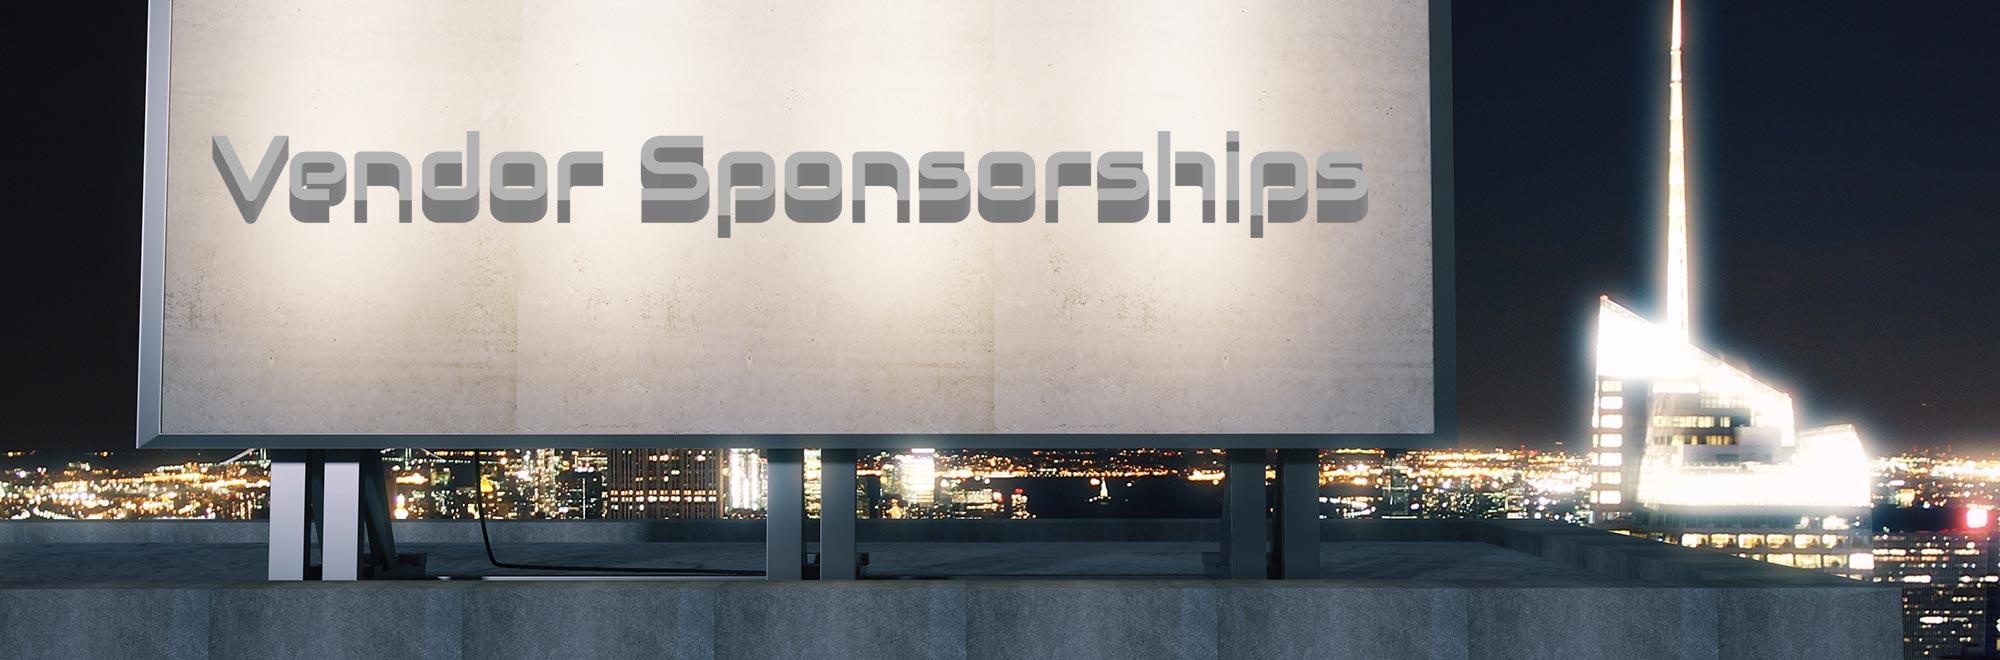 Vendor Sponsorships